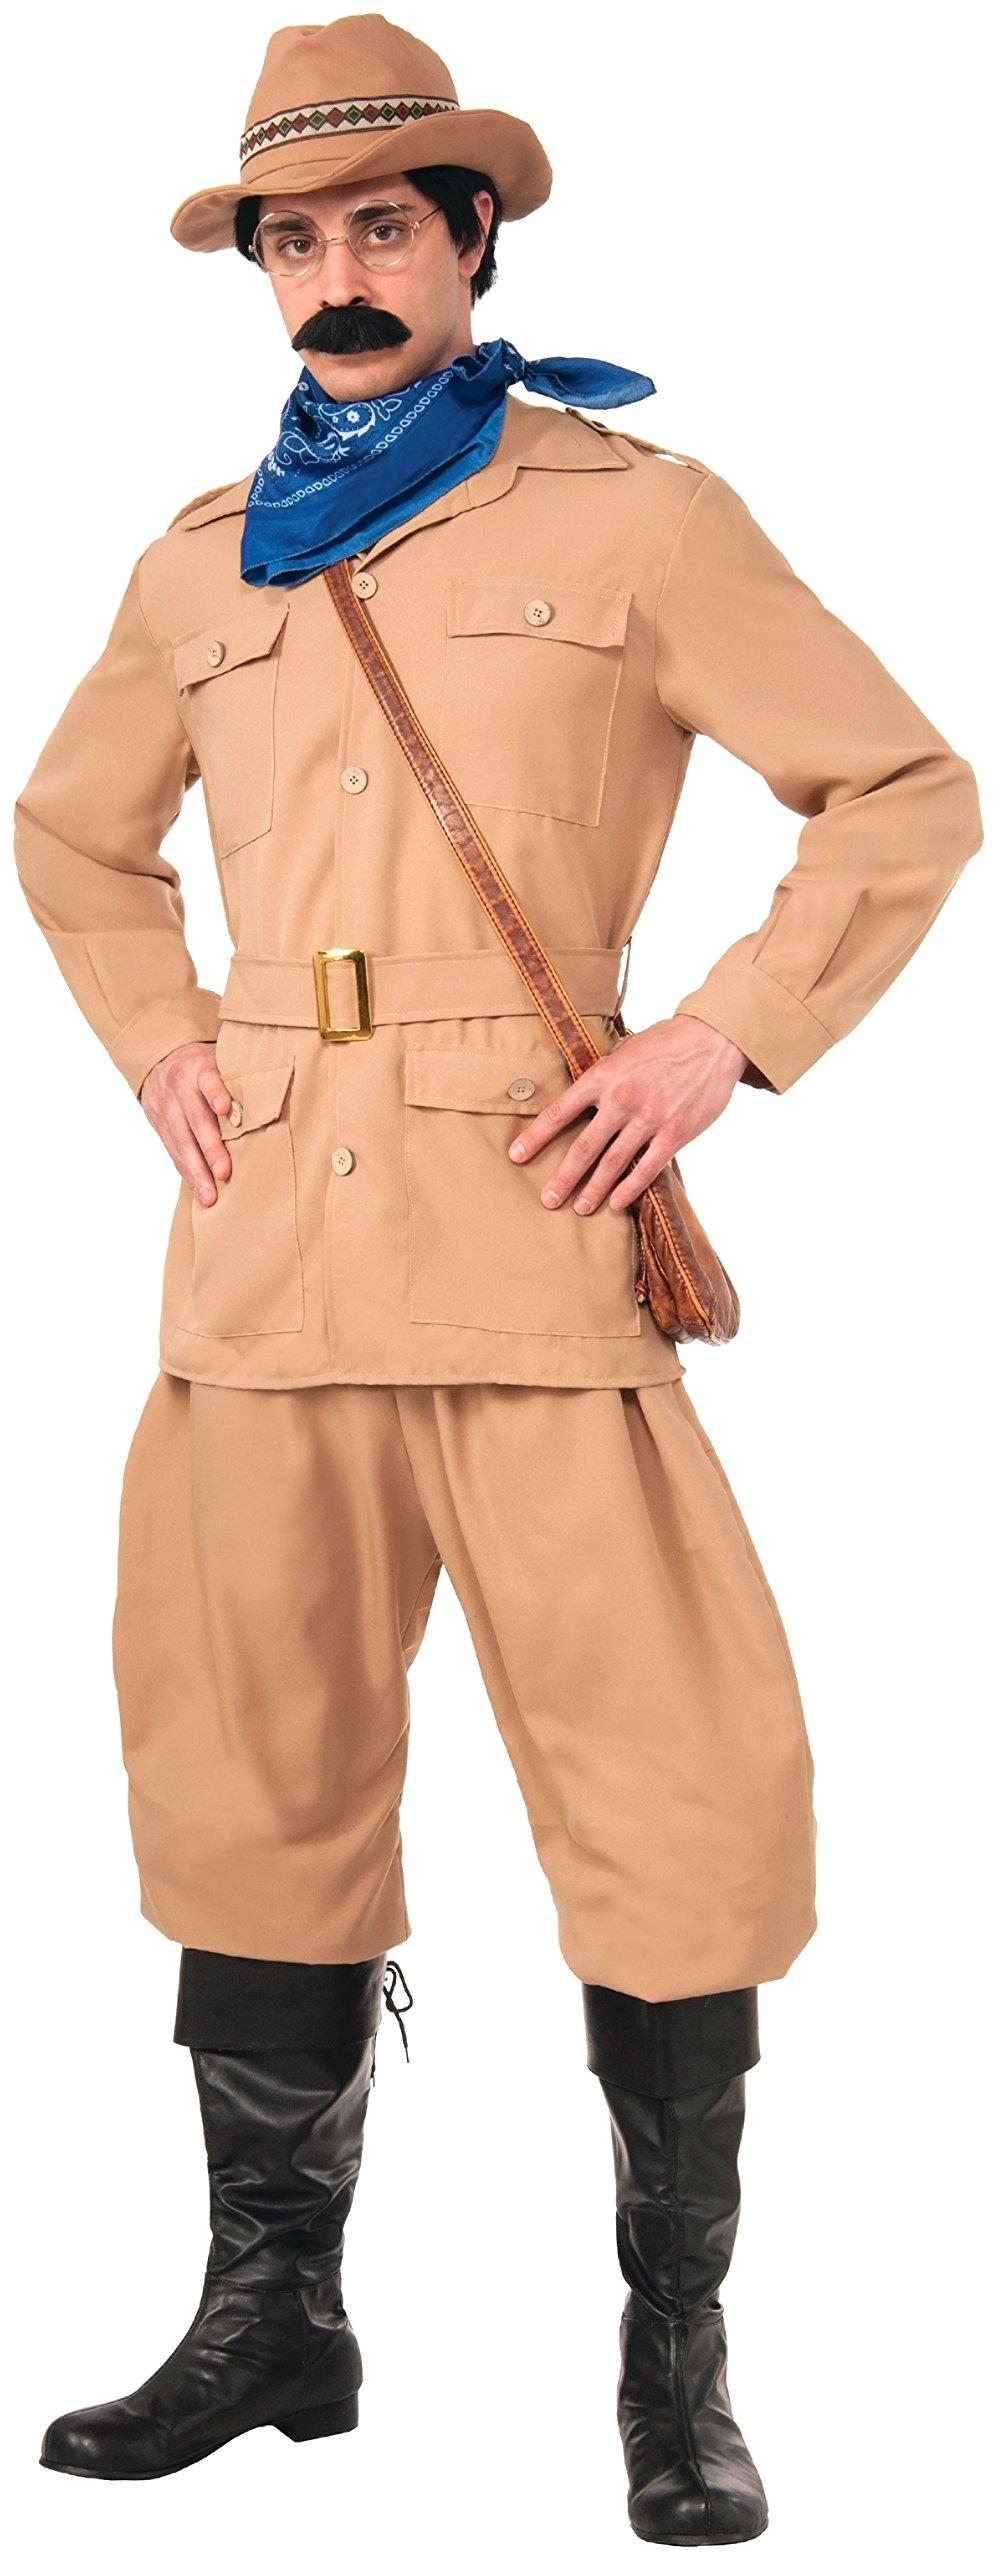 Forum Novelties Men's Theodore Roosevelt Deluxe Costume, Brown, Standard by Forum Novelties